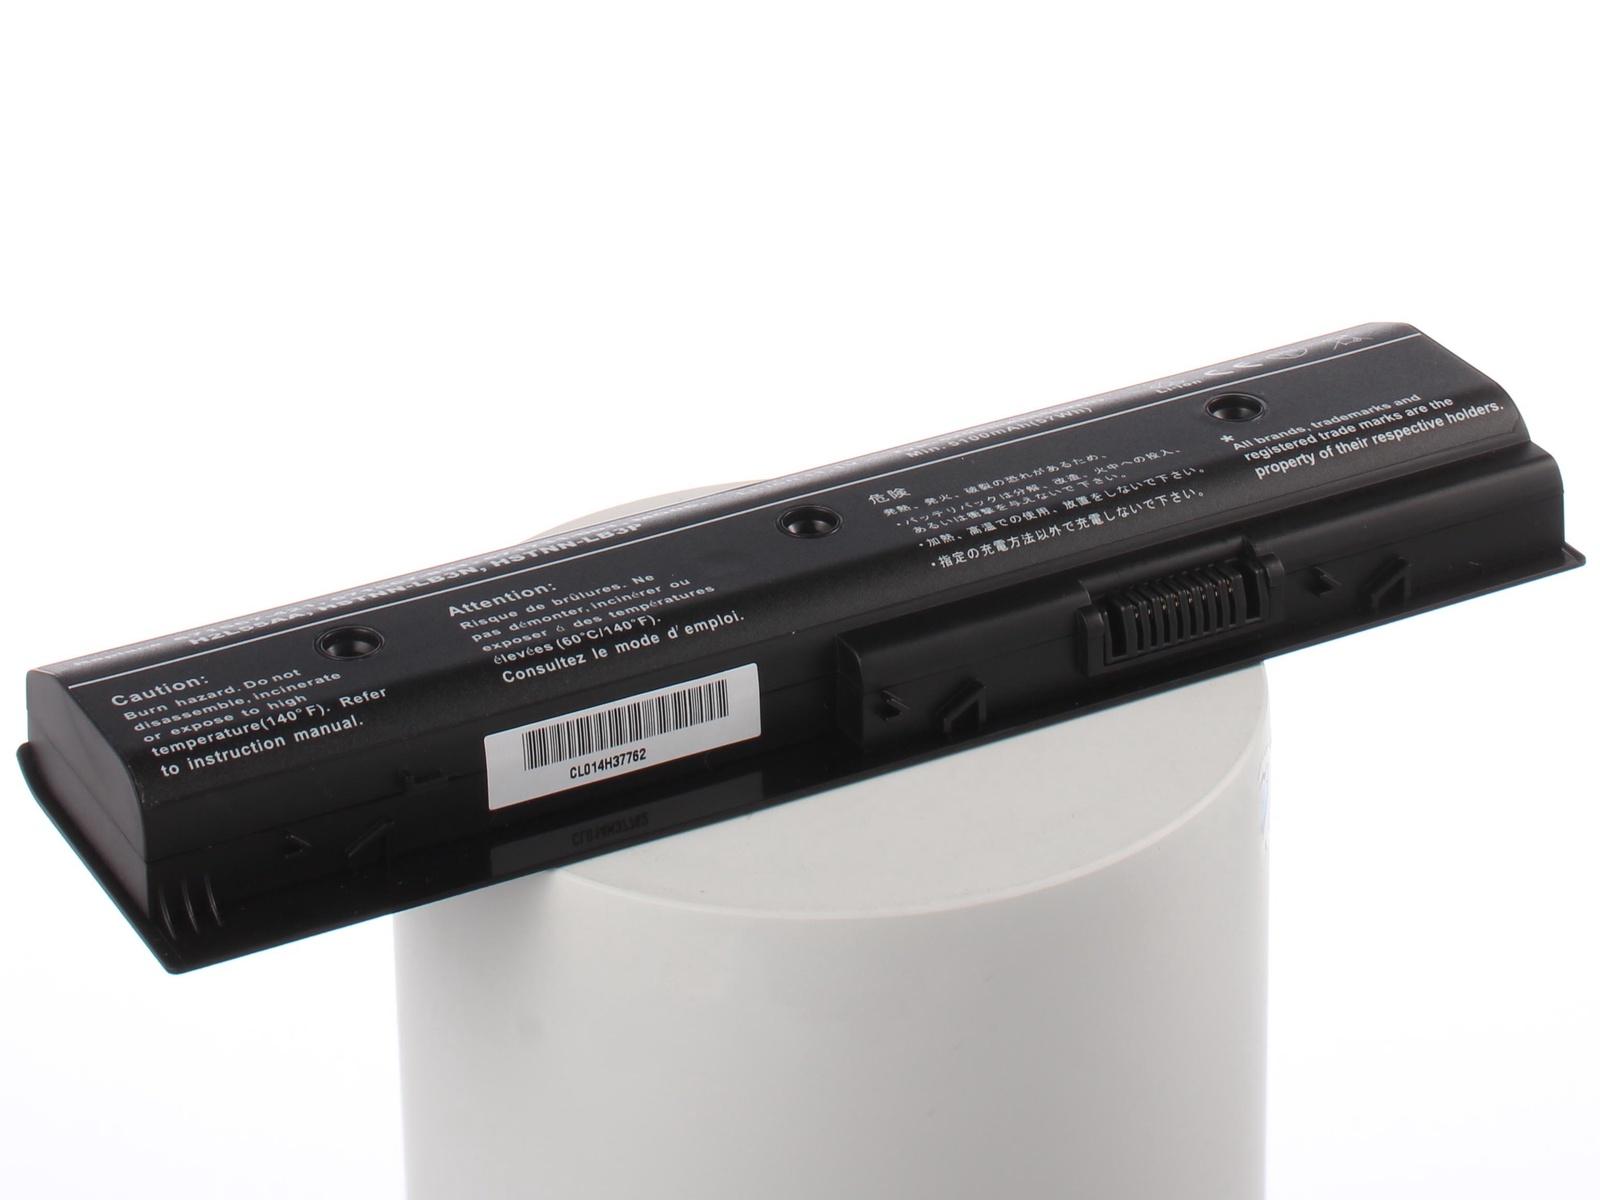 Аккумулятор для ноутбука iBatt для HP-Compaq ENVY dv7-7353er, ENVY m6-1150er, ENVY dv6-7263er, ENVY dv6-7351er, ENVY dv7-7350er, ENVY m6-1101sr, ENVY m6-1184ca, Envy m6-1270er, Envy TouchSmart 17-j122sr, Envy 15-j040sr цена